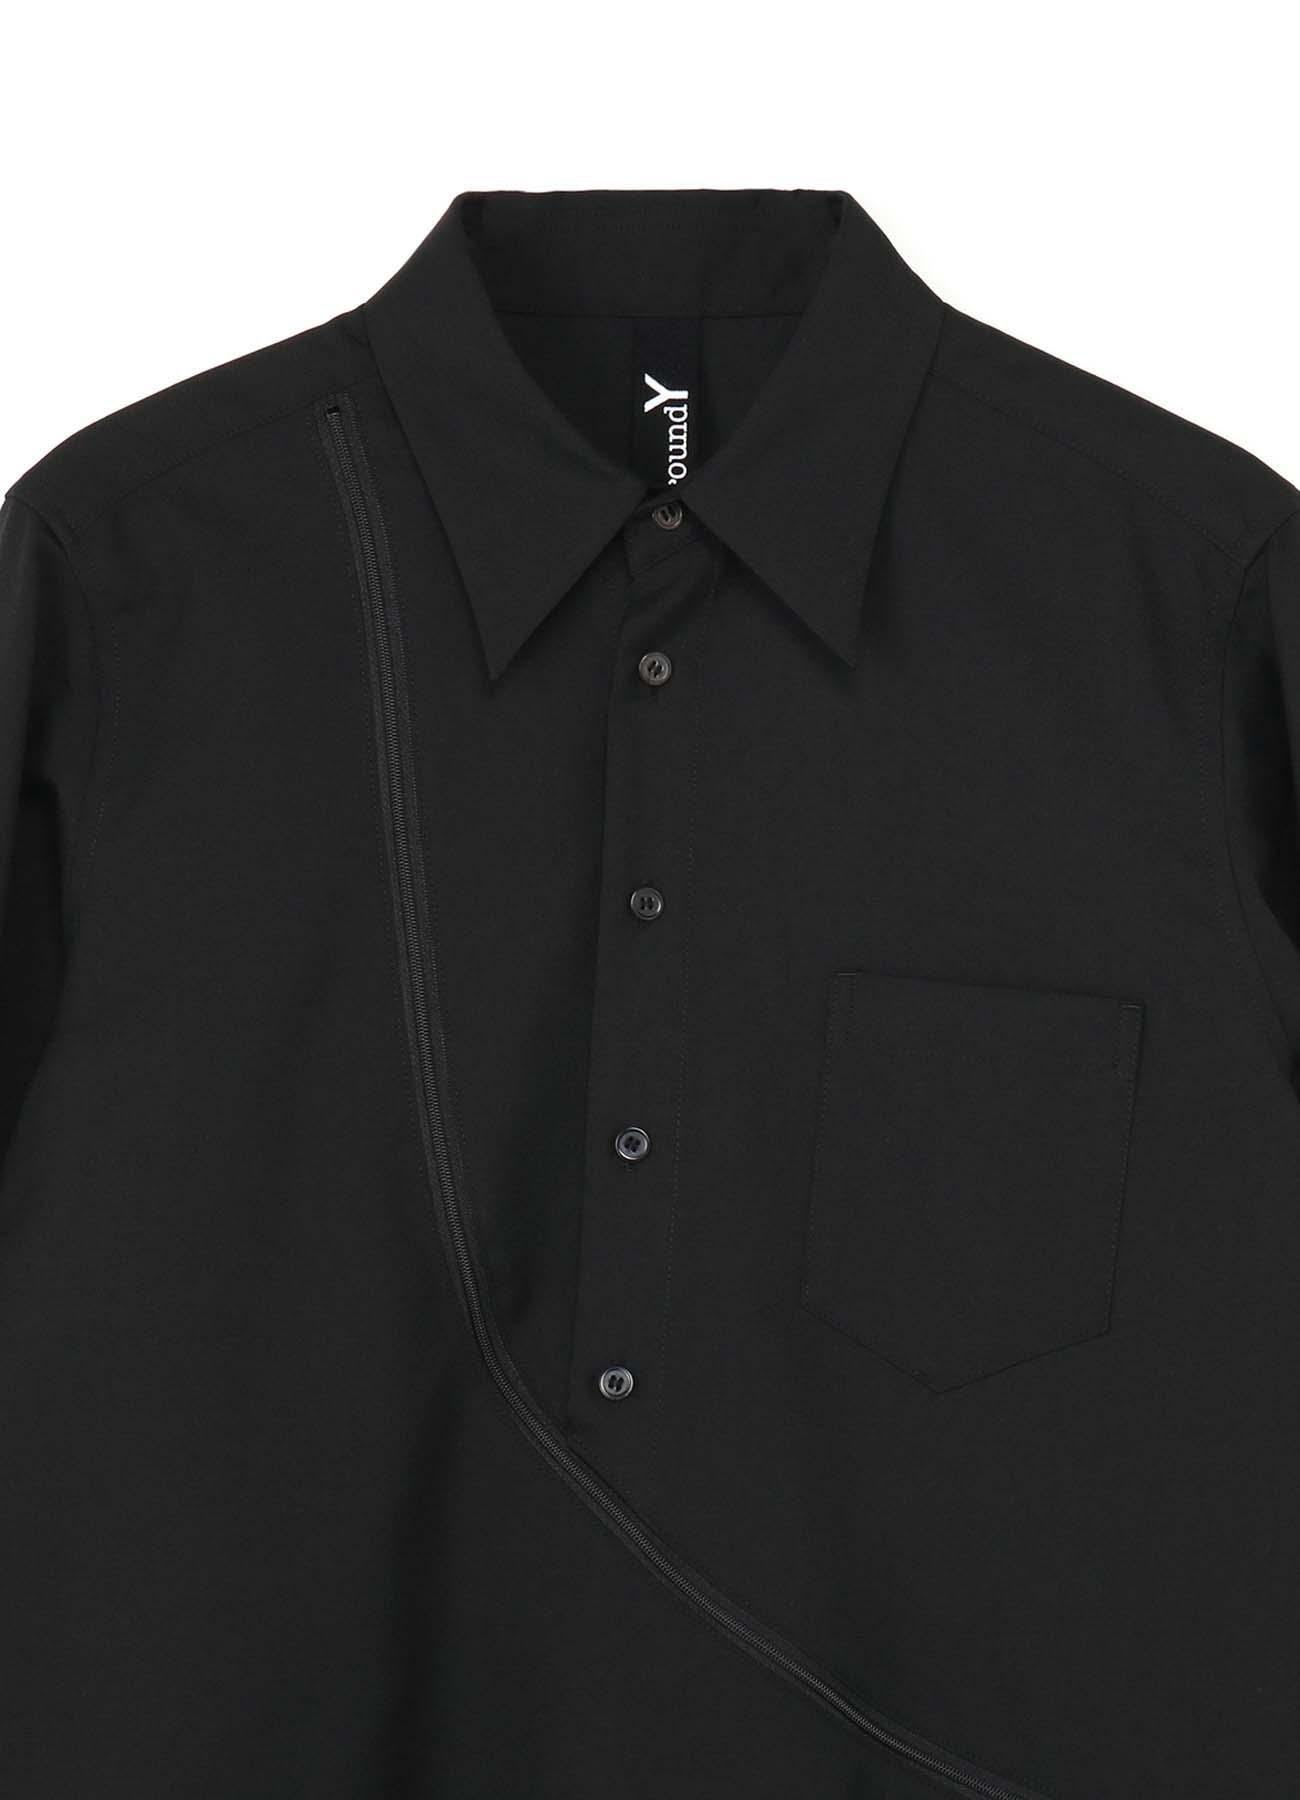 T/W Gabardine Deformed Zipper Shirt